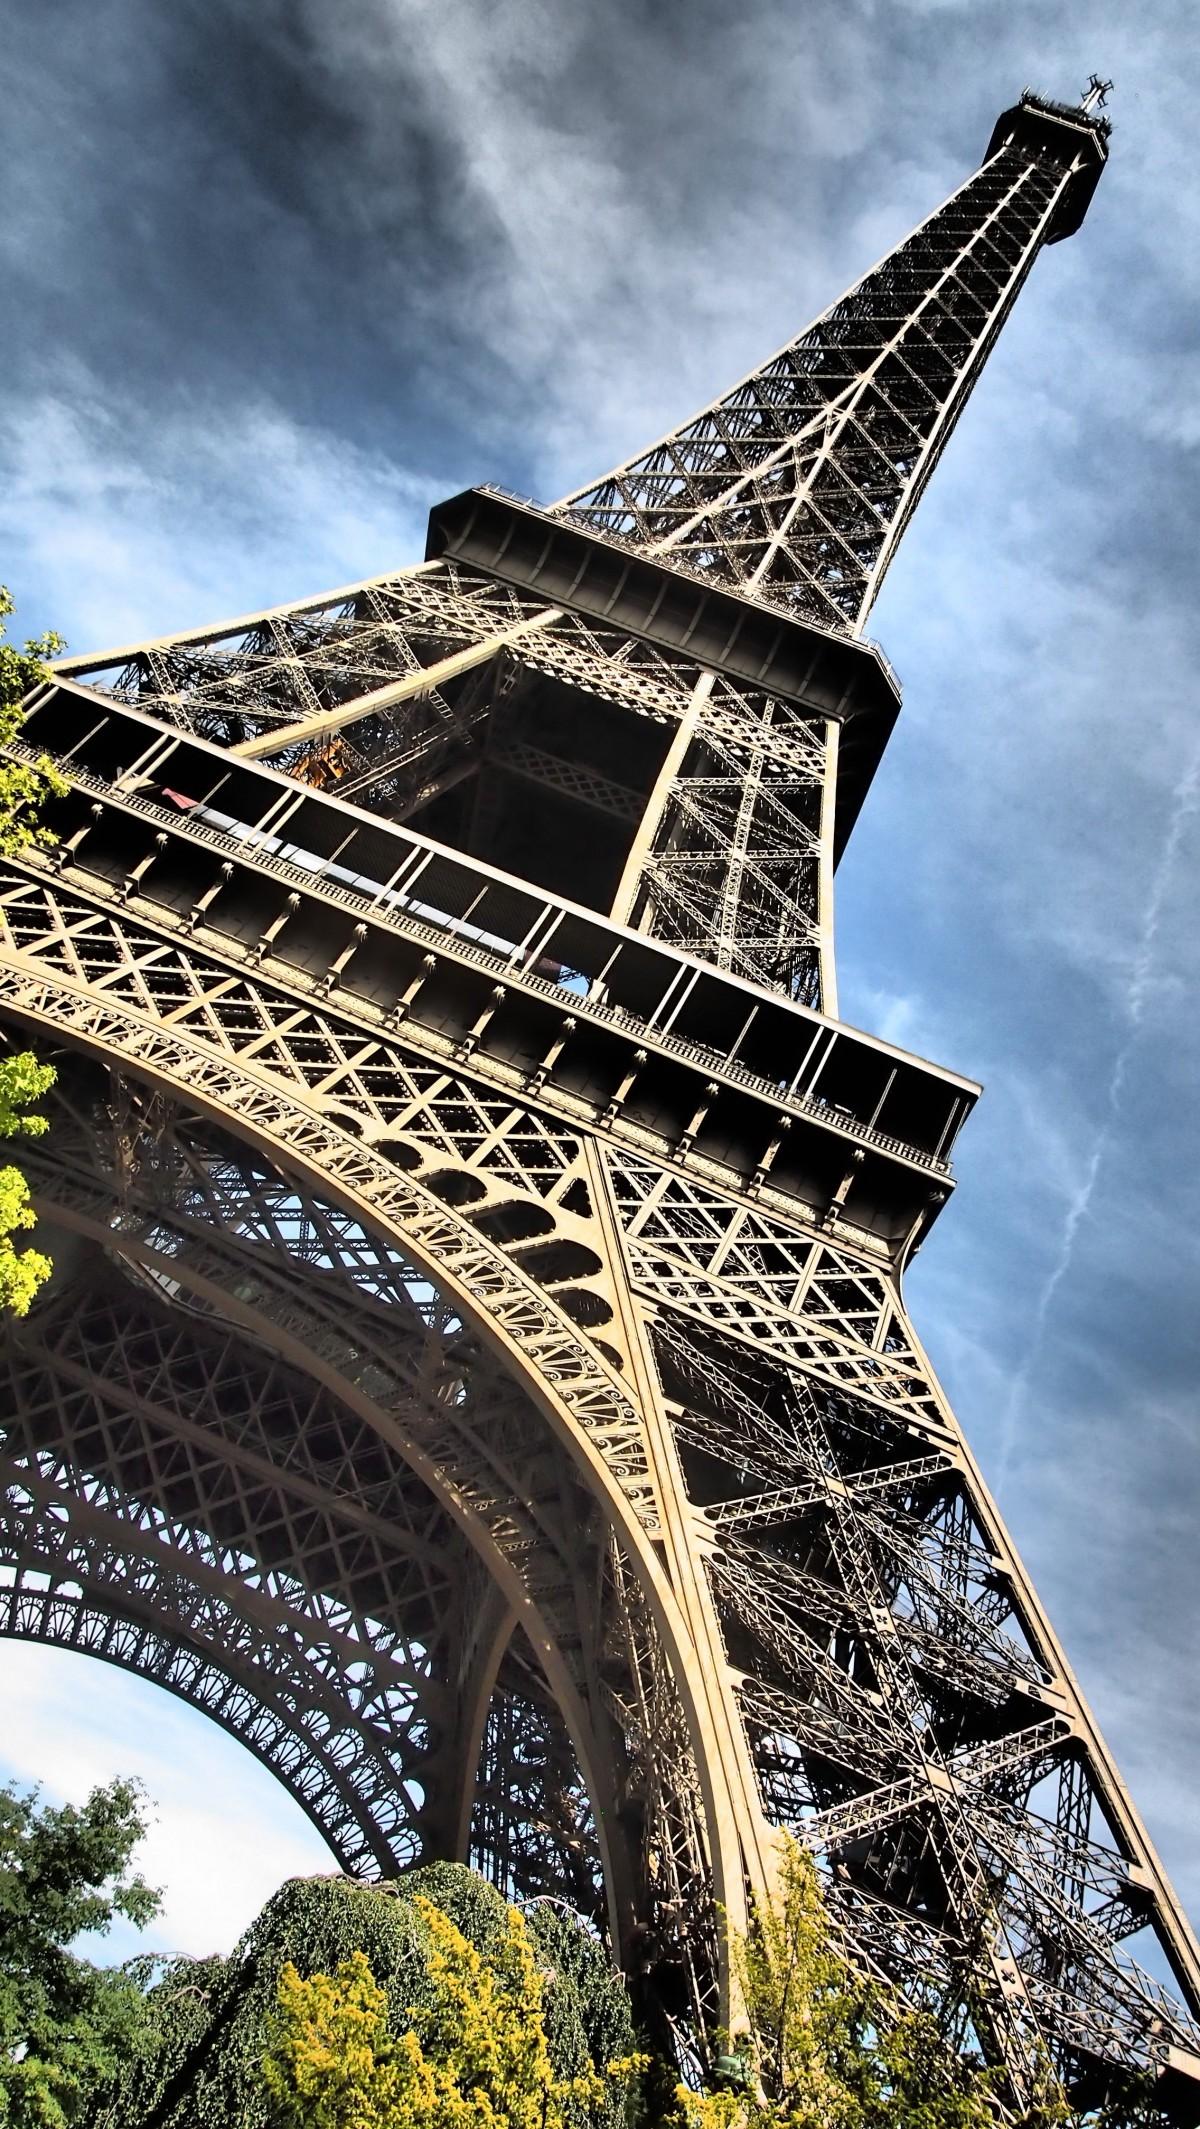 Images gratuites gens tour eiffel paris foule cambre - Tour eiffel photos gratuites ...